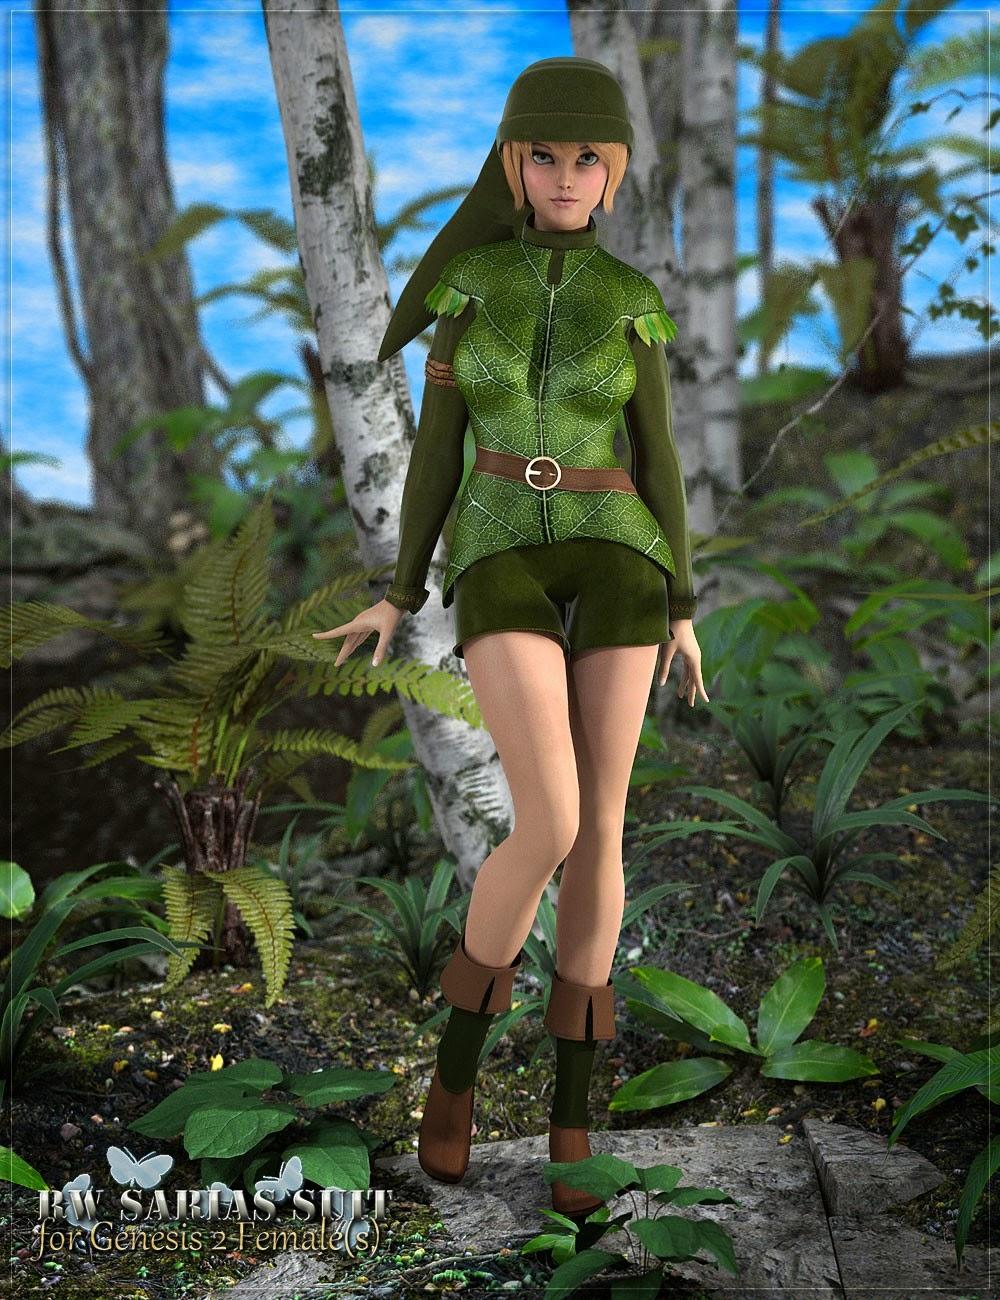 3d Models - RW Sarias Suit